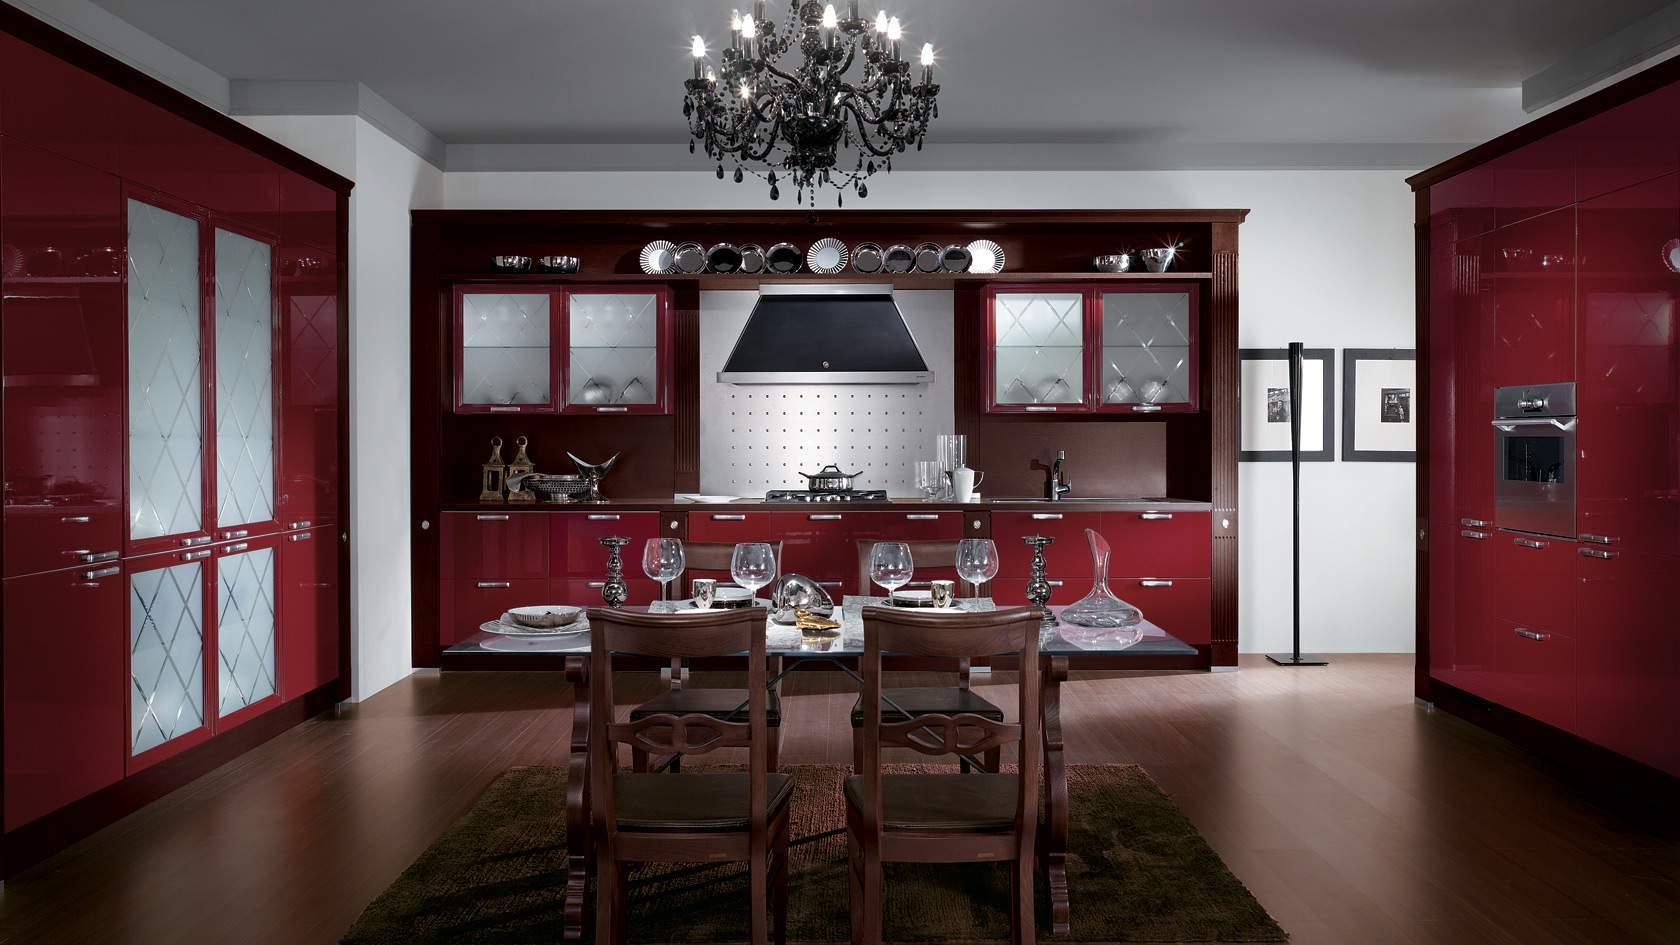 Scavolini Accessori Cucina. Fabulous Flux With Scavolini Accessori ...